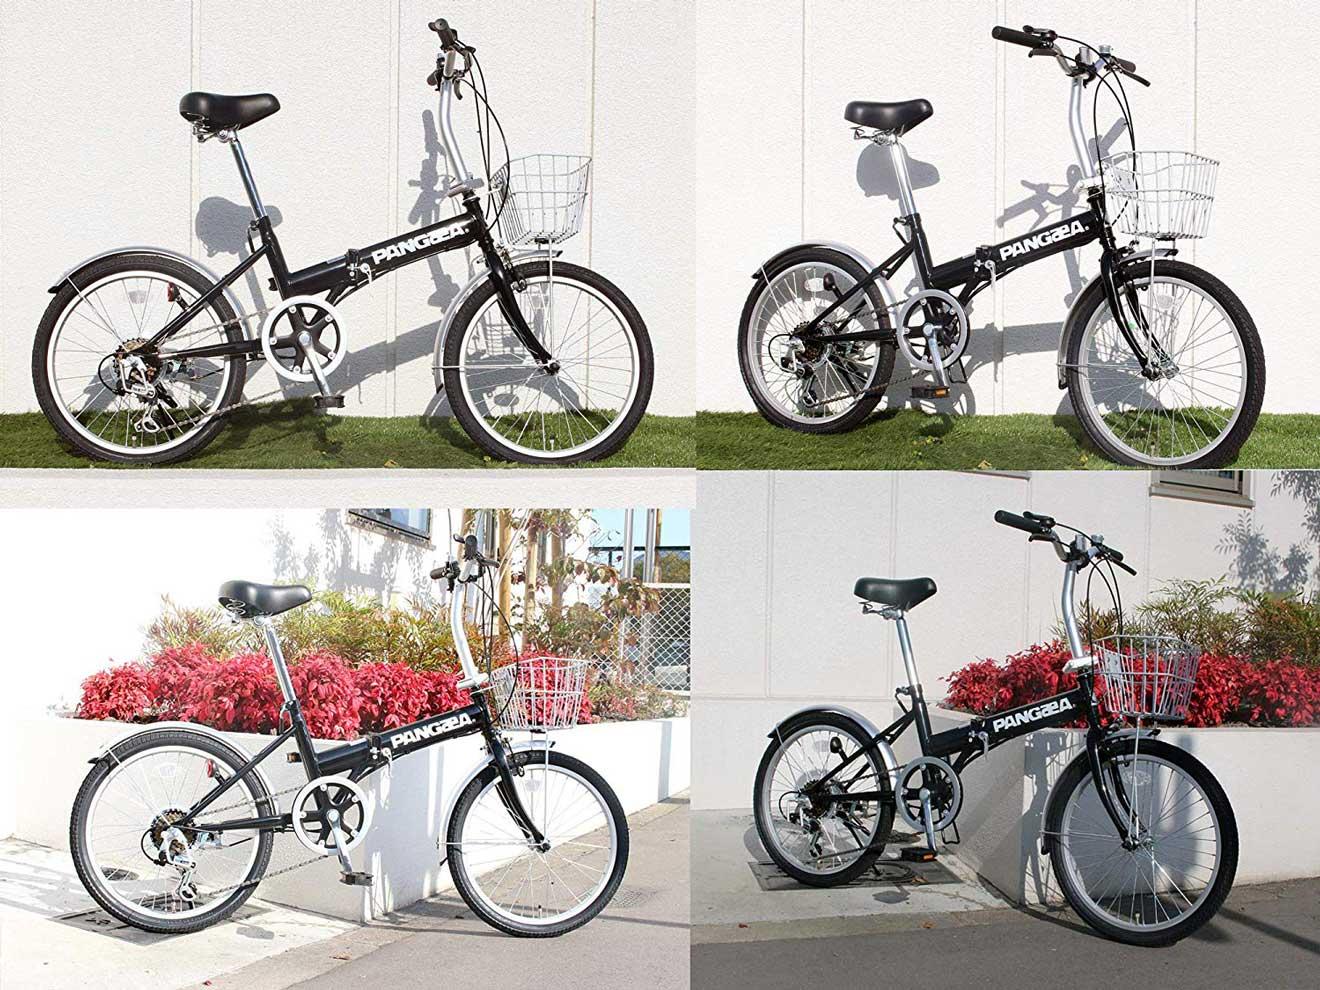 PANGAEA(パンゲア)ROBINSON(ロビンソン)20インチ折りたたみ自転車